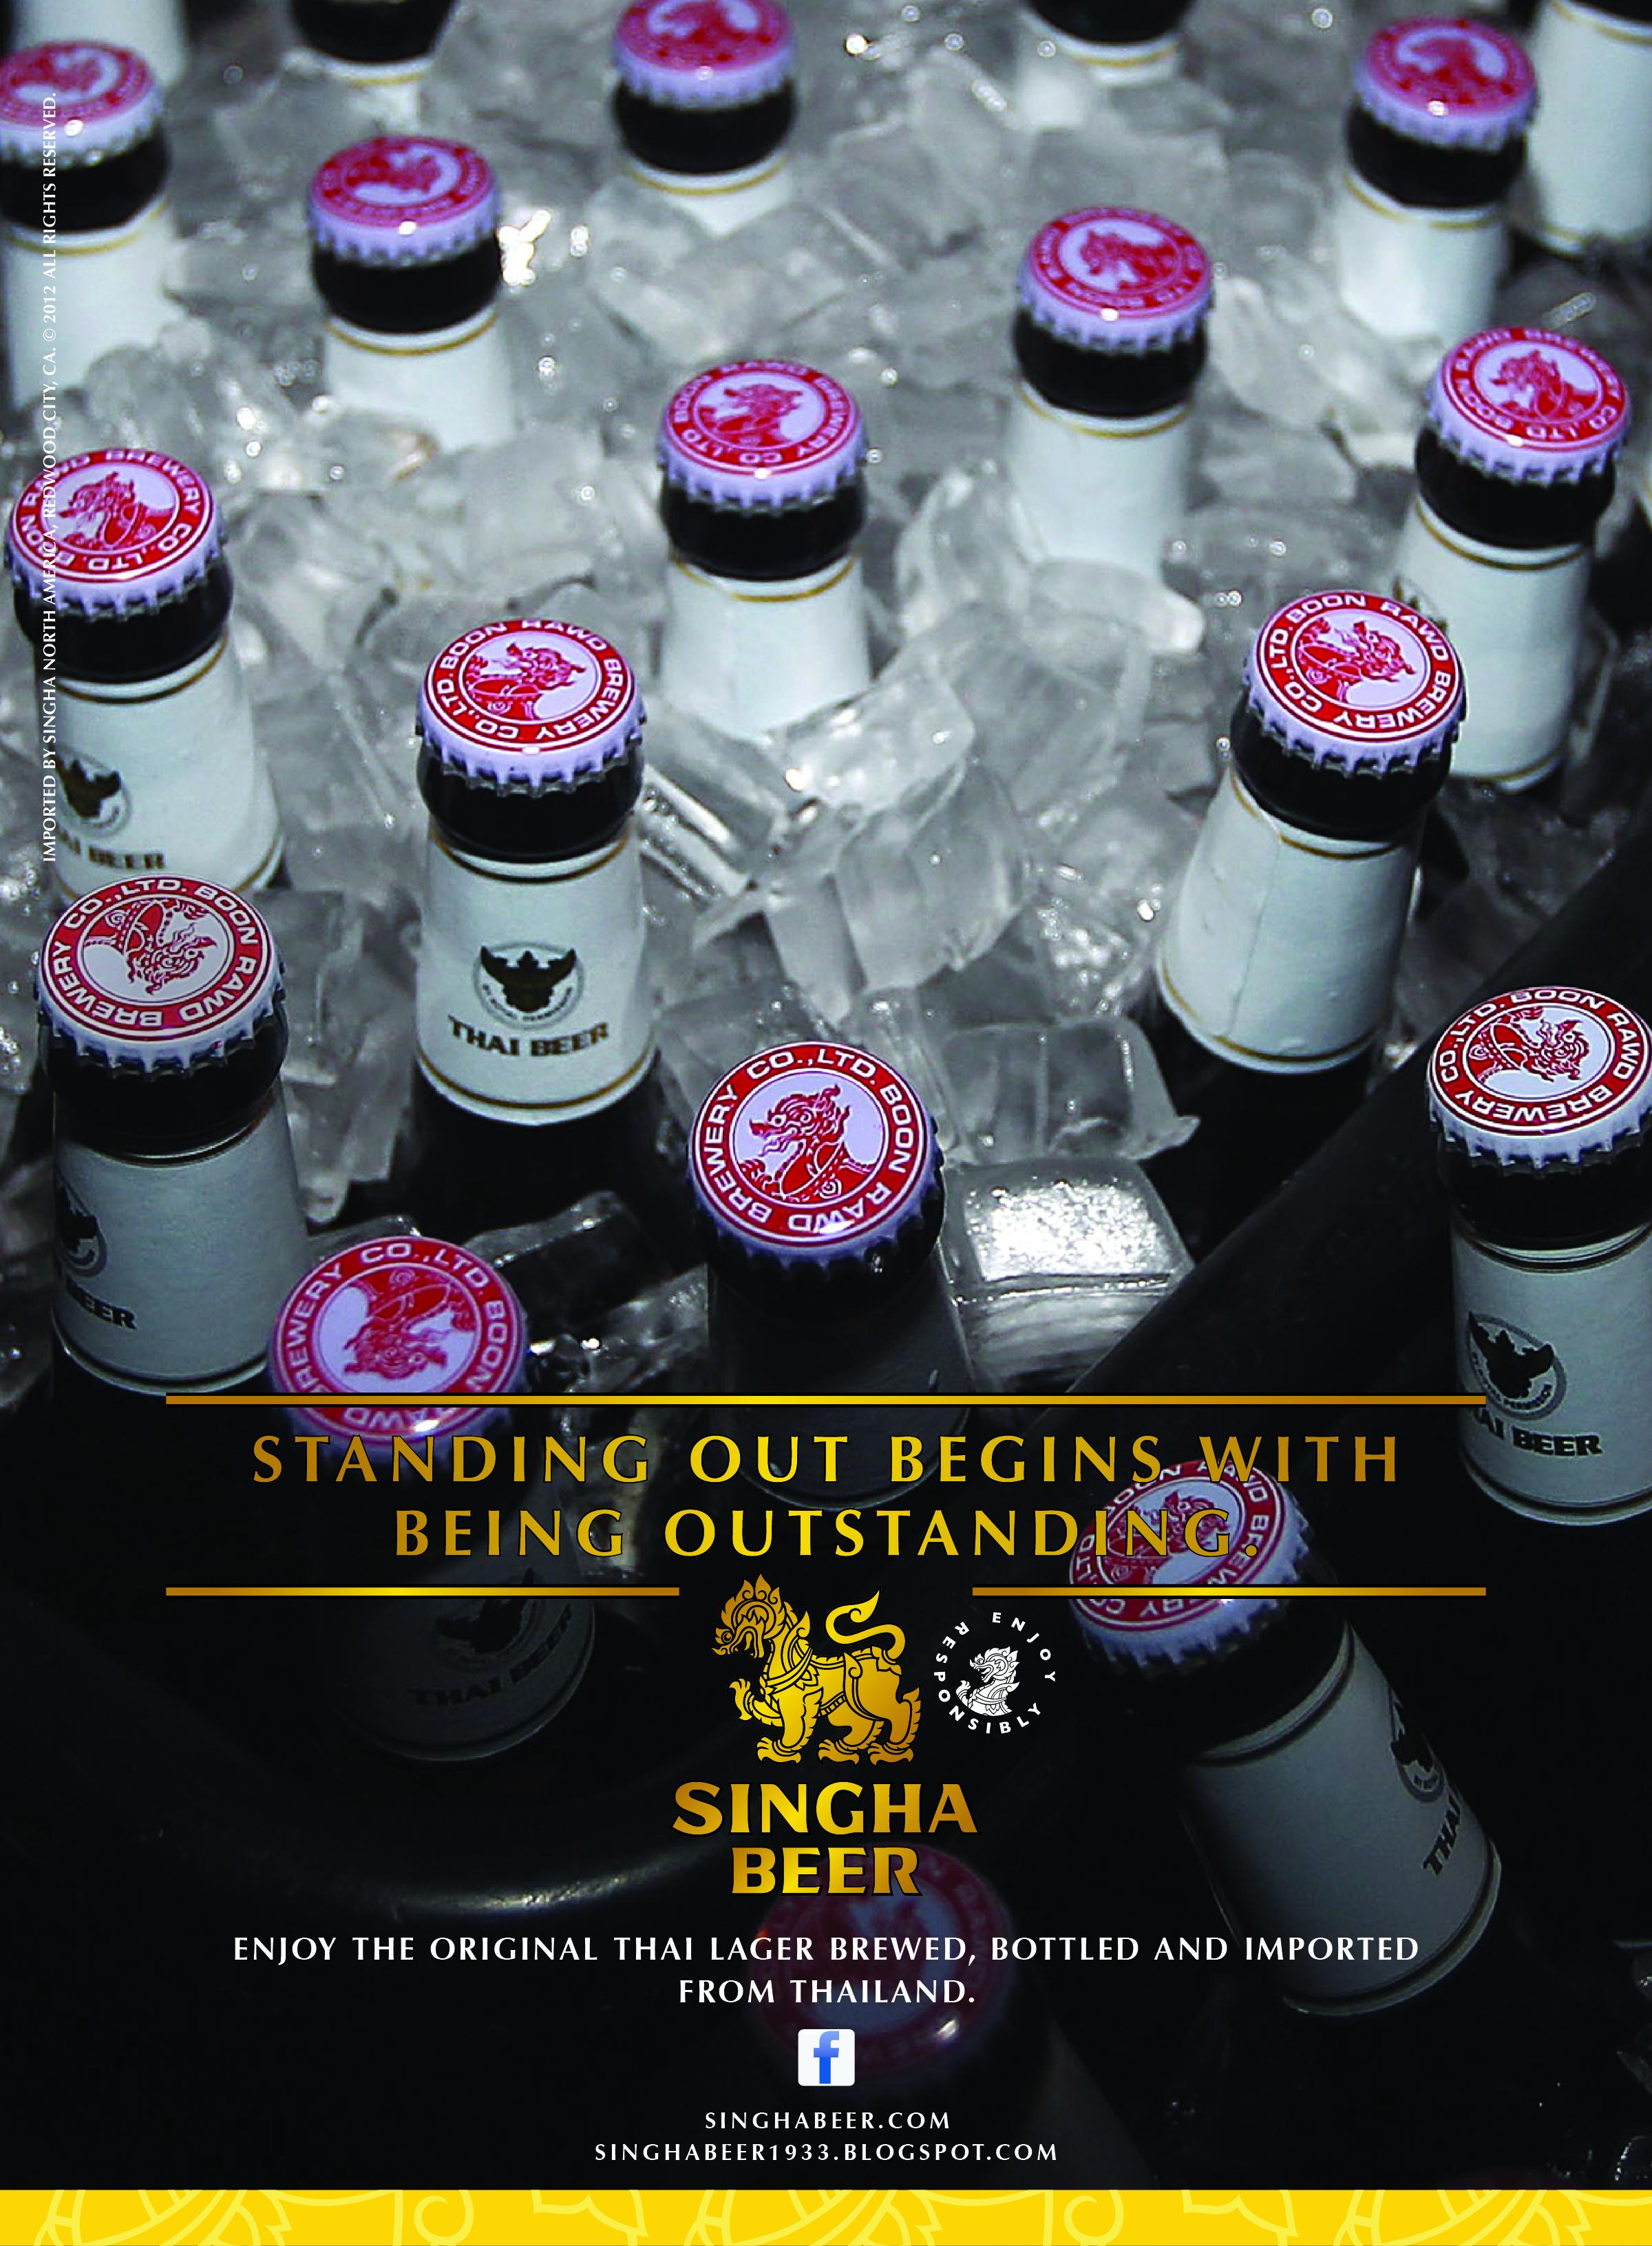 Singha Beer02_Draft Magazine_PRINT.jpg